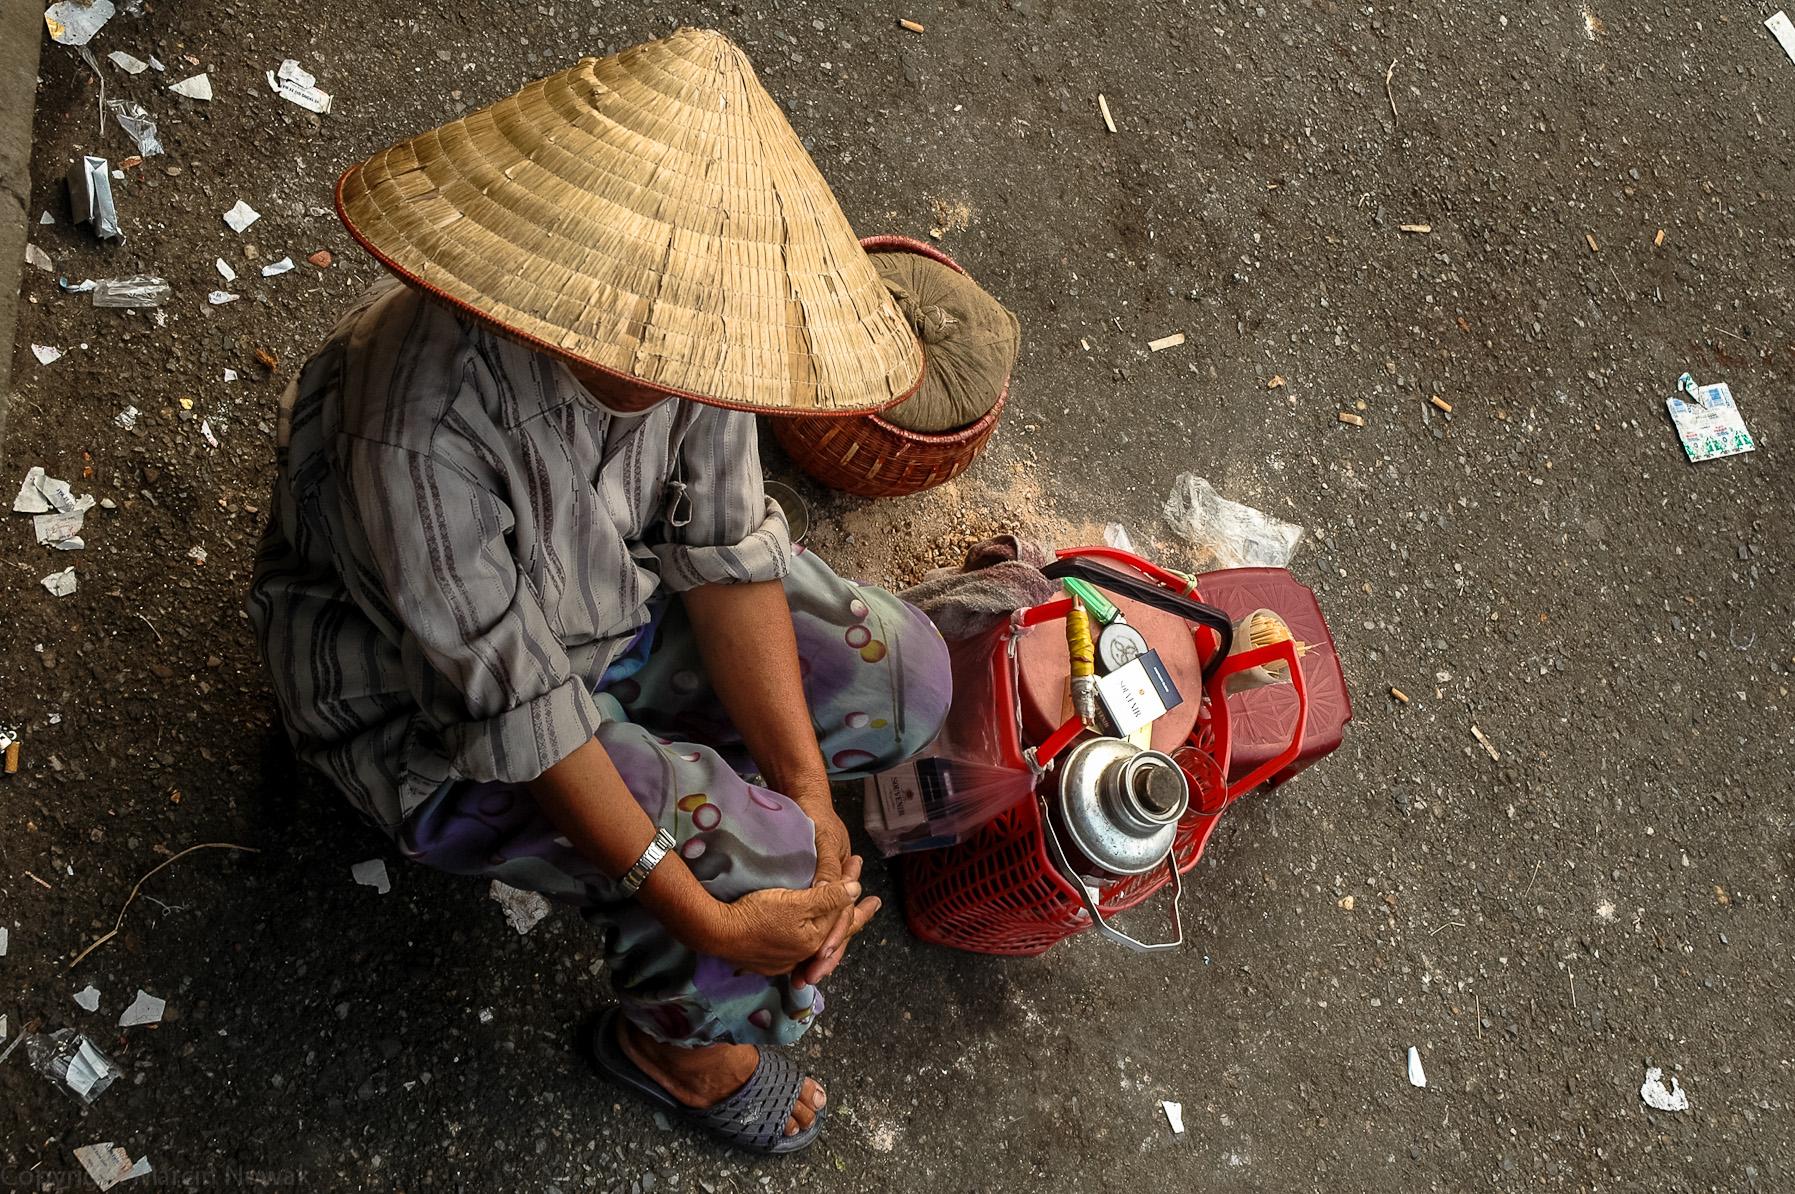 Na wietnamskiej ulicy